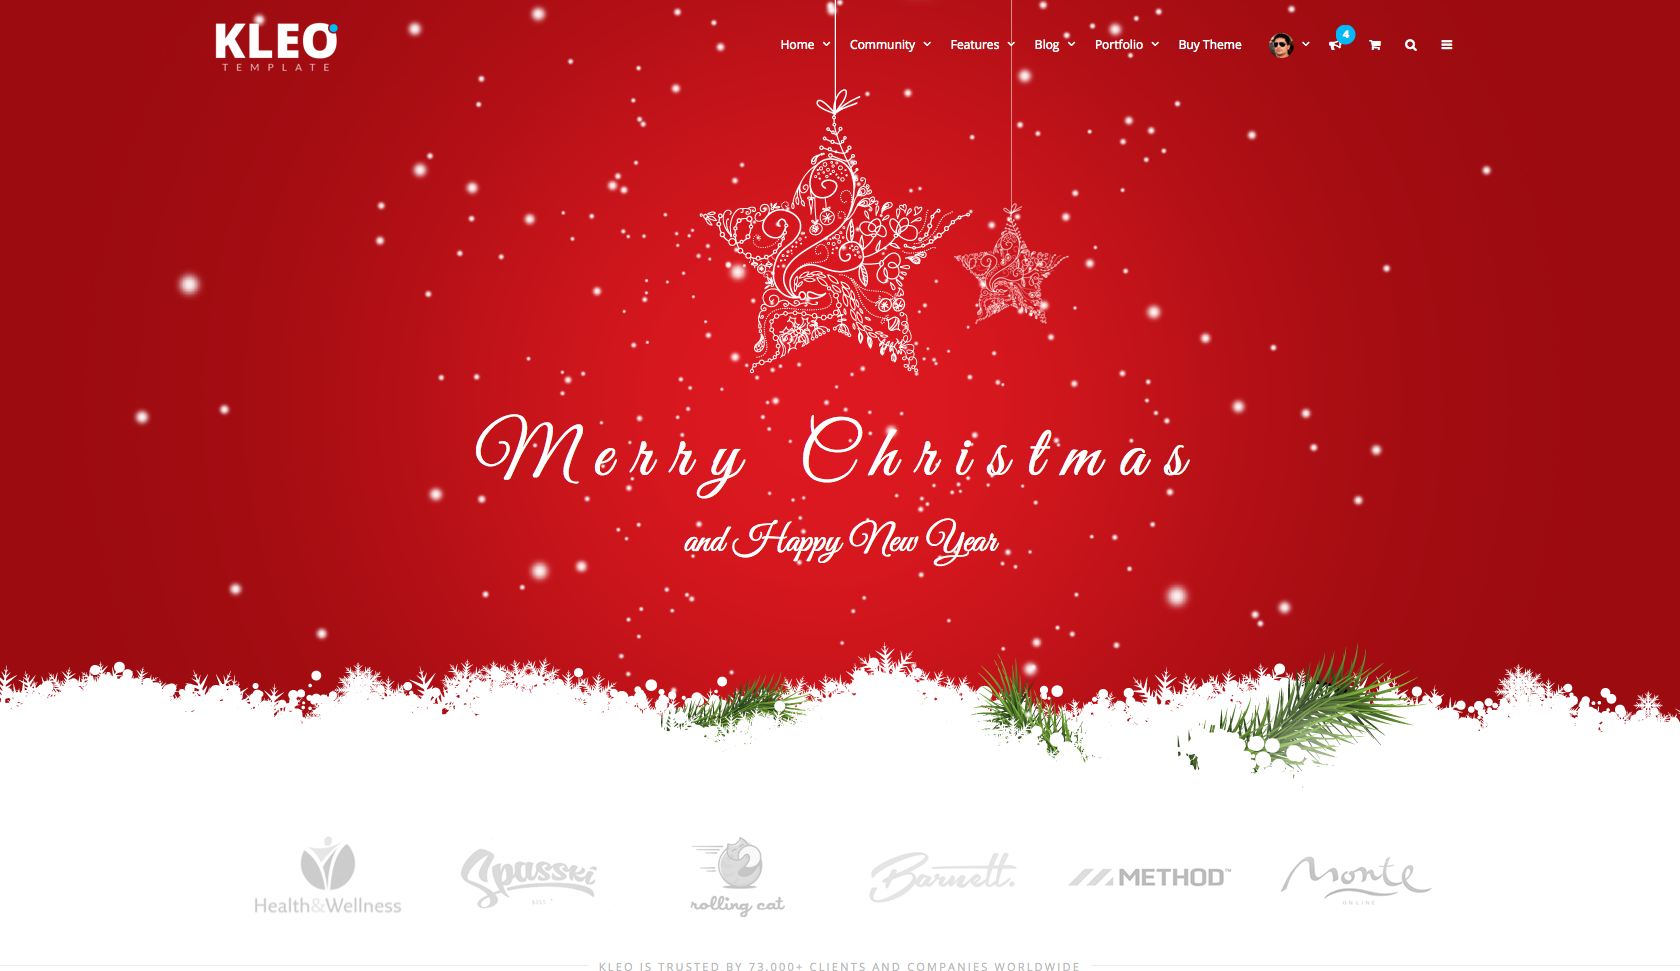 merry christmas kleo wordpress theme